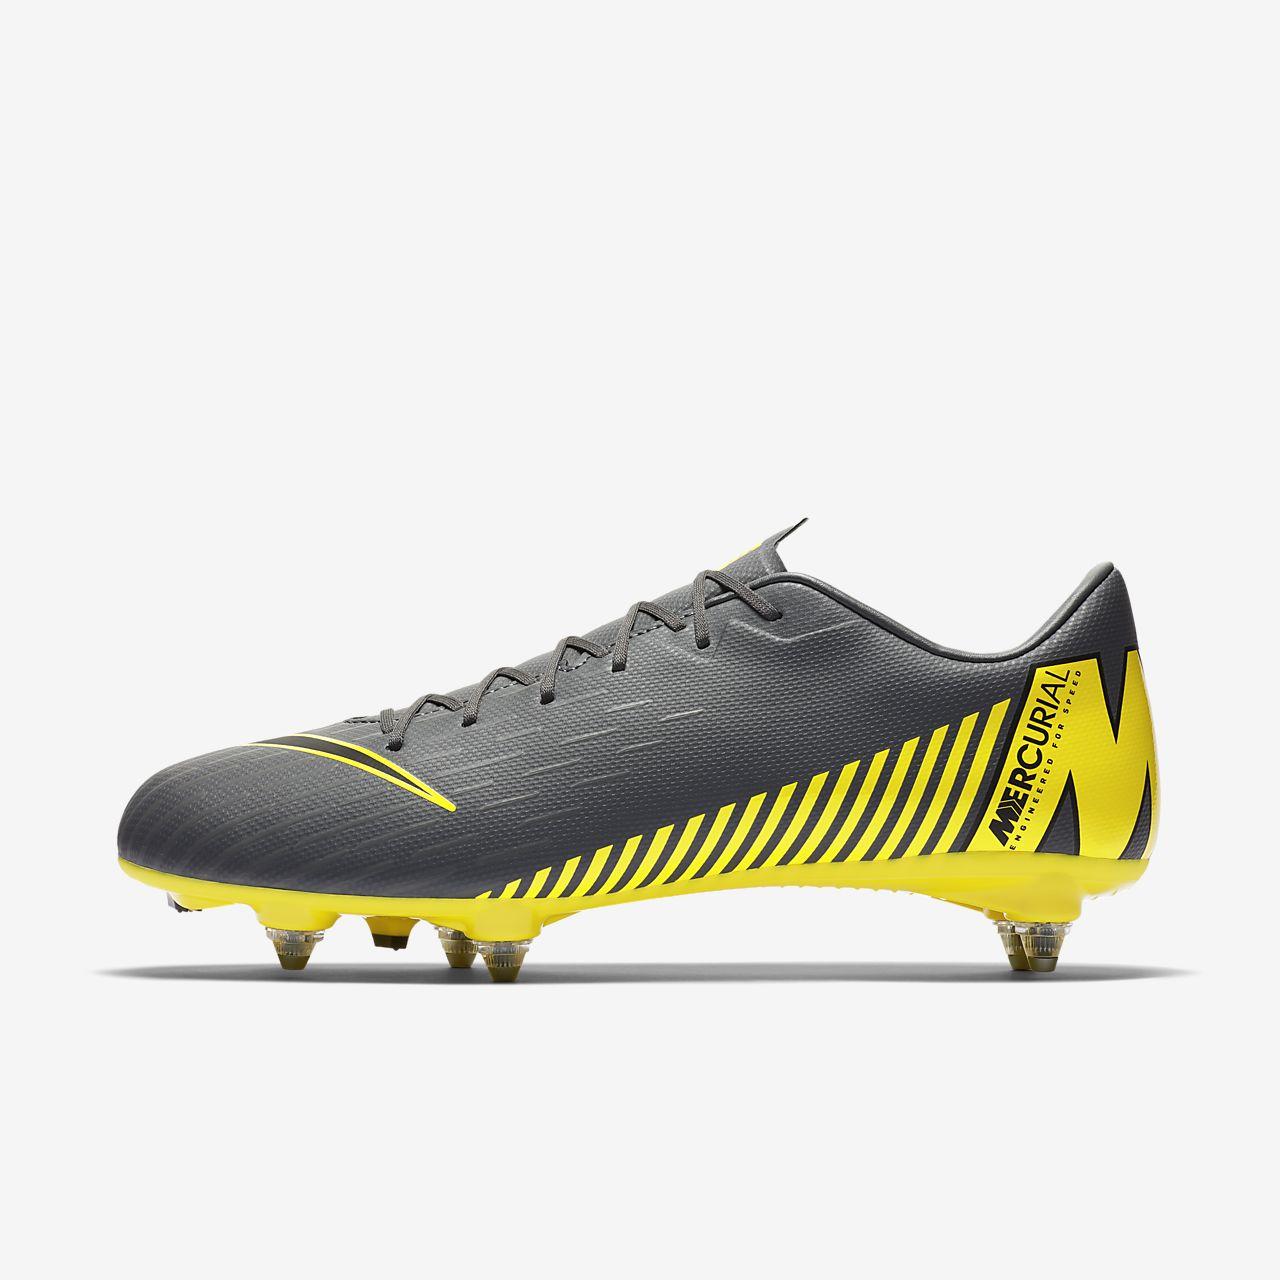 Nike Mercurial Vapor XII Academy SG-PRO Botes de futbol per a terreny tou